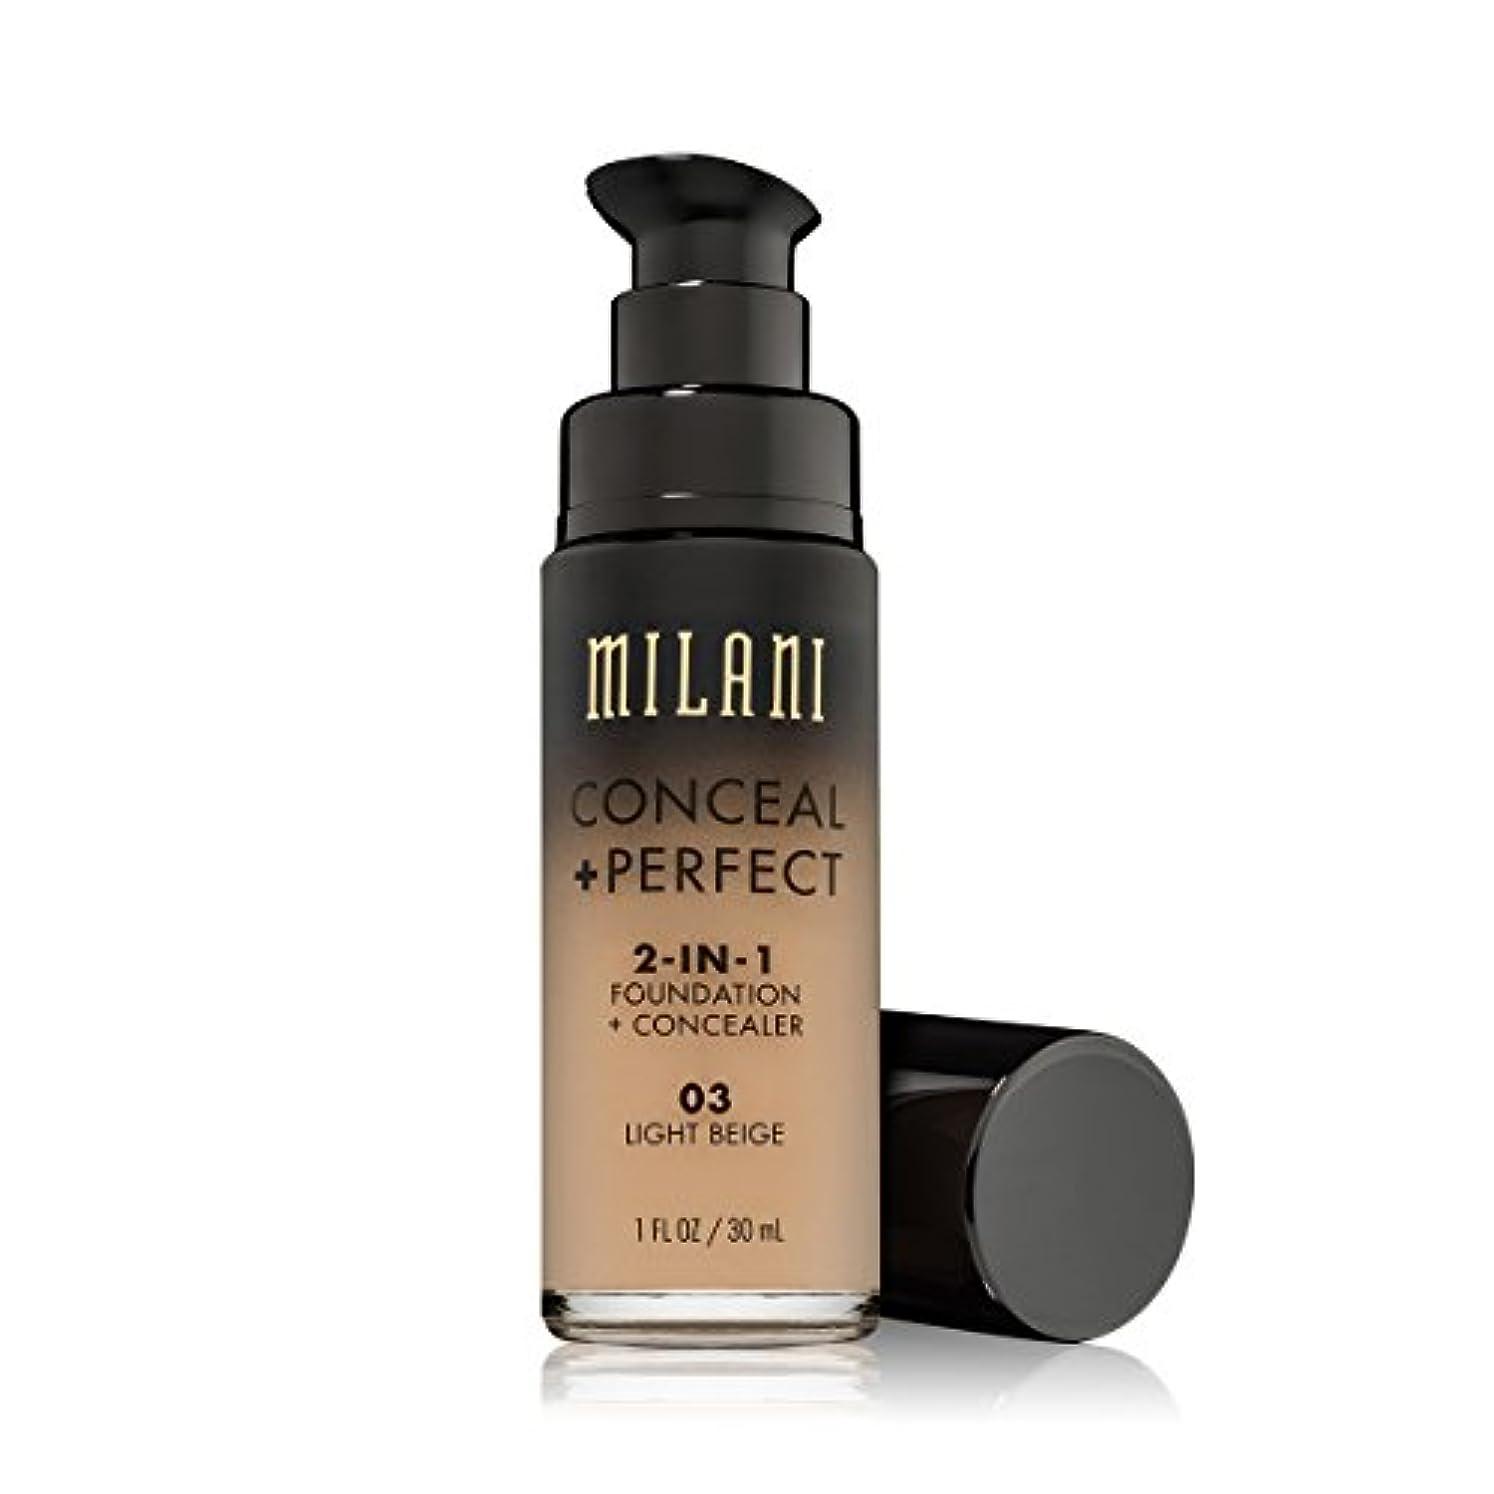 フルーツ野菜セメントちらつきMILANI Conceal + Perfect 2-In-1 Foundation + Concealer - Light Beige (並行輸入品)